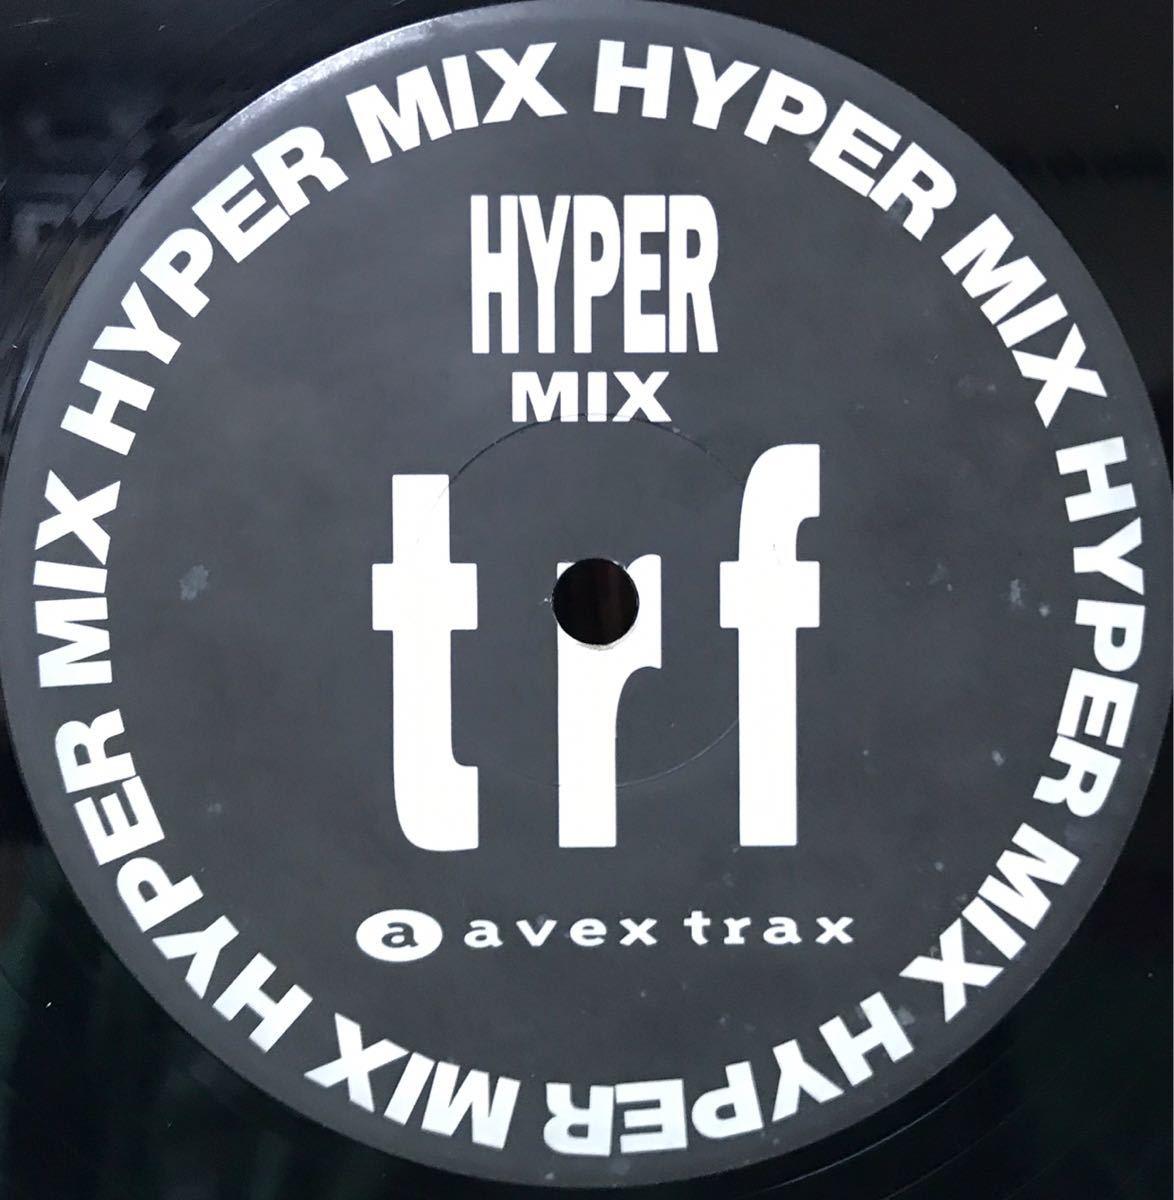 プロモ盤 trf TRF / 寒い夜だから12inchレコード その他にもプロモーション盤 レア盤 人気レコード 多数出品中_画像2